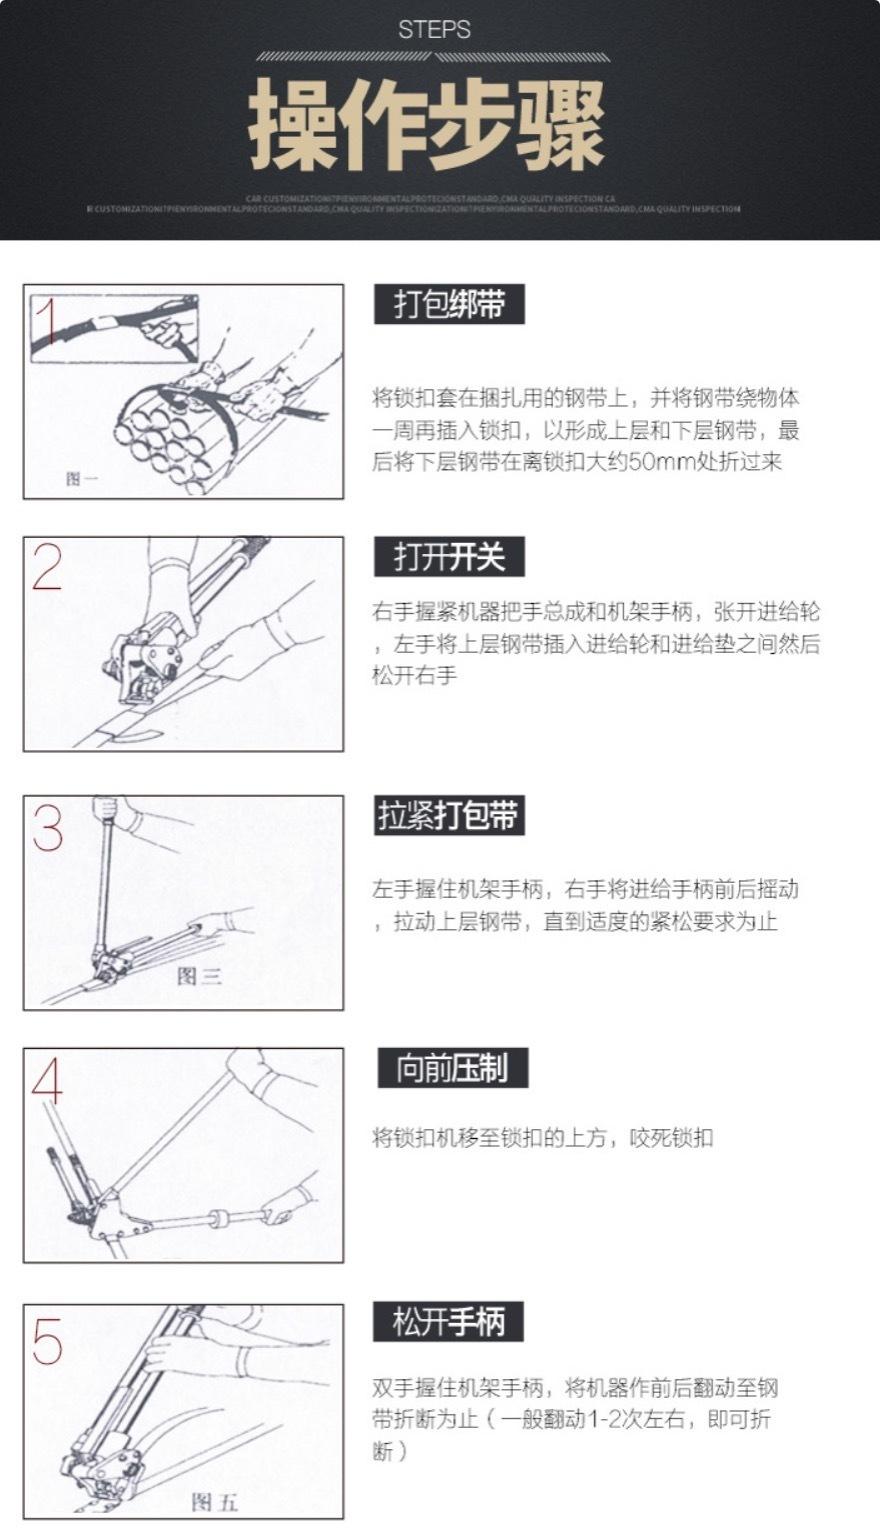 手動鋼帶打包機操作步驟